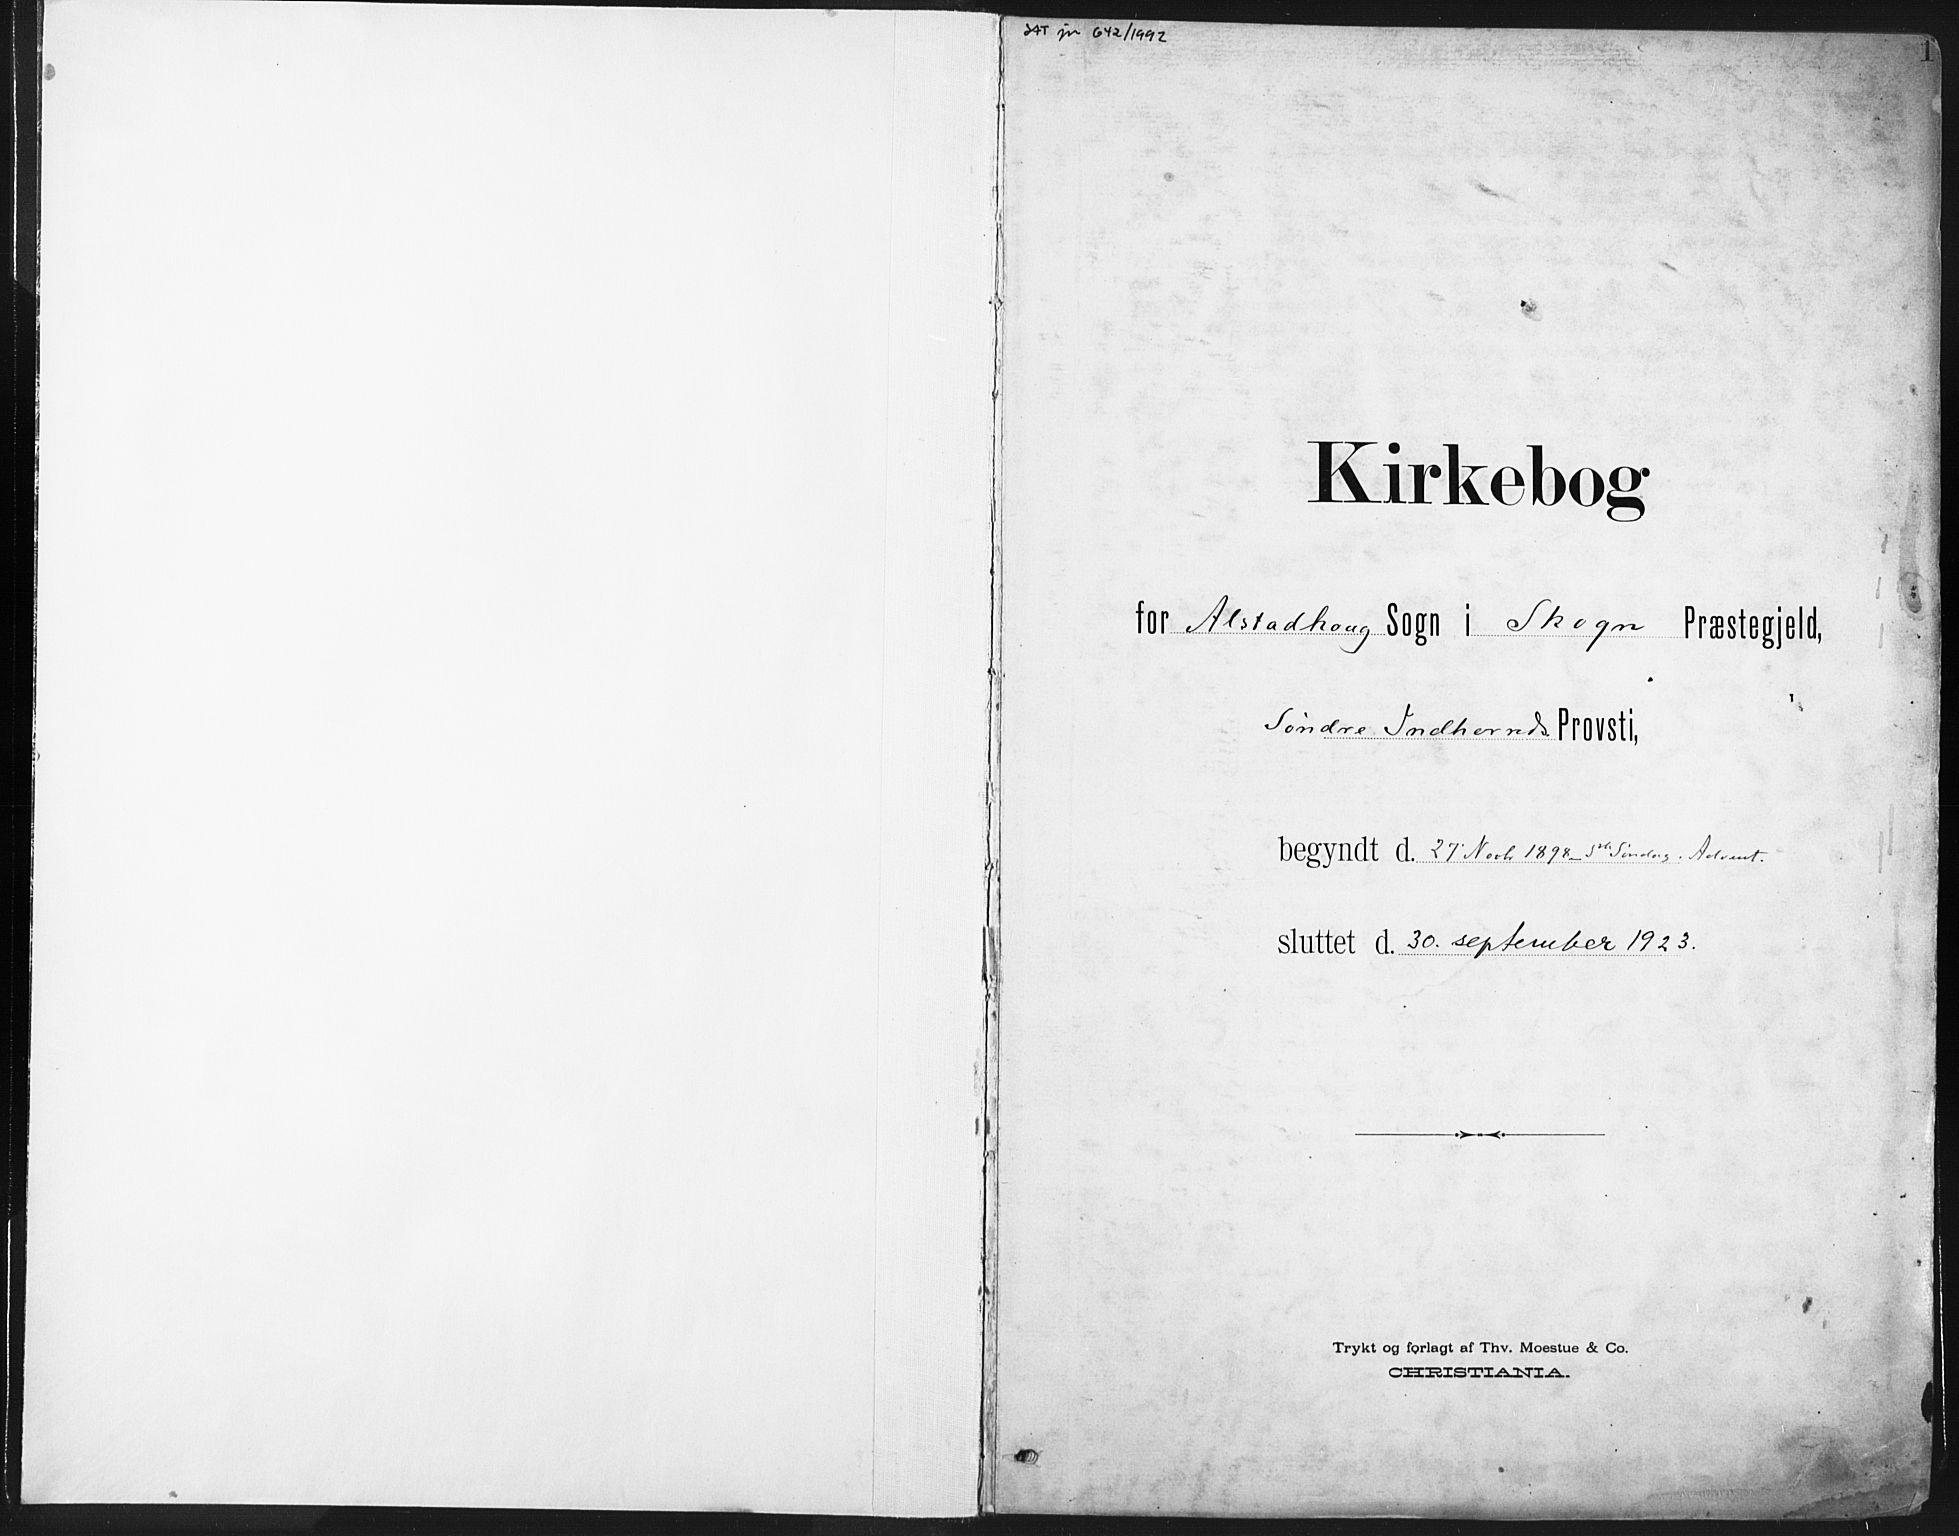 SAT, Ministerialprotokoller, klokkerbøker og fødselsregistre - Nord-Trøndelag, 717/L0162: Ministerialbok nr. 717A12, 1898-1923, s. 1